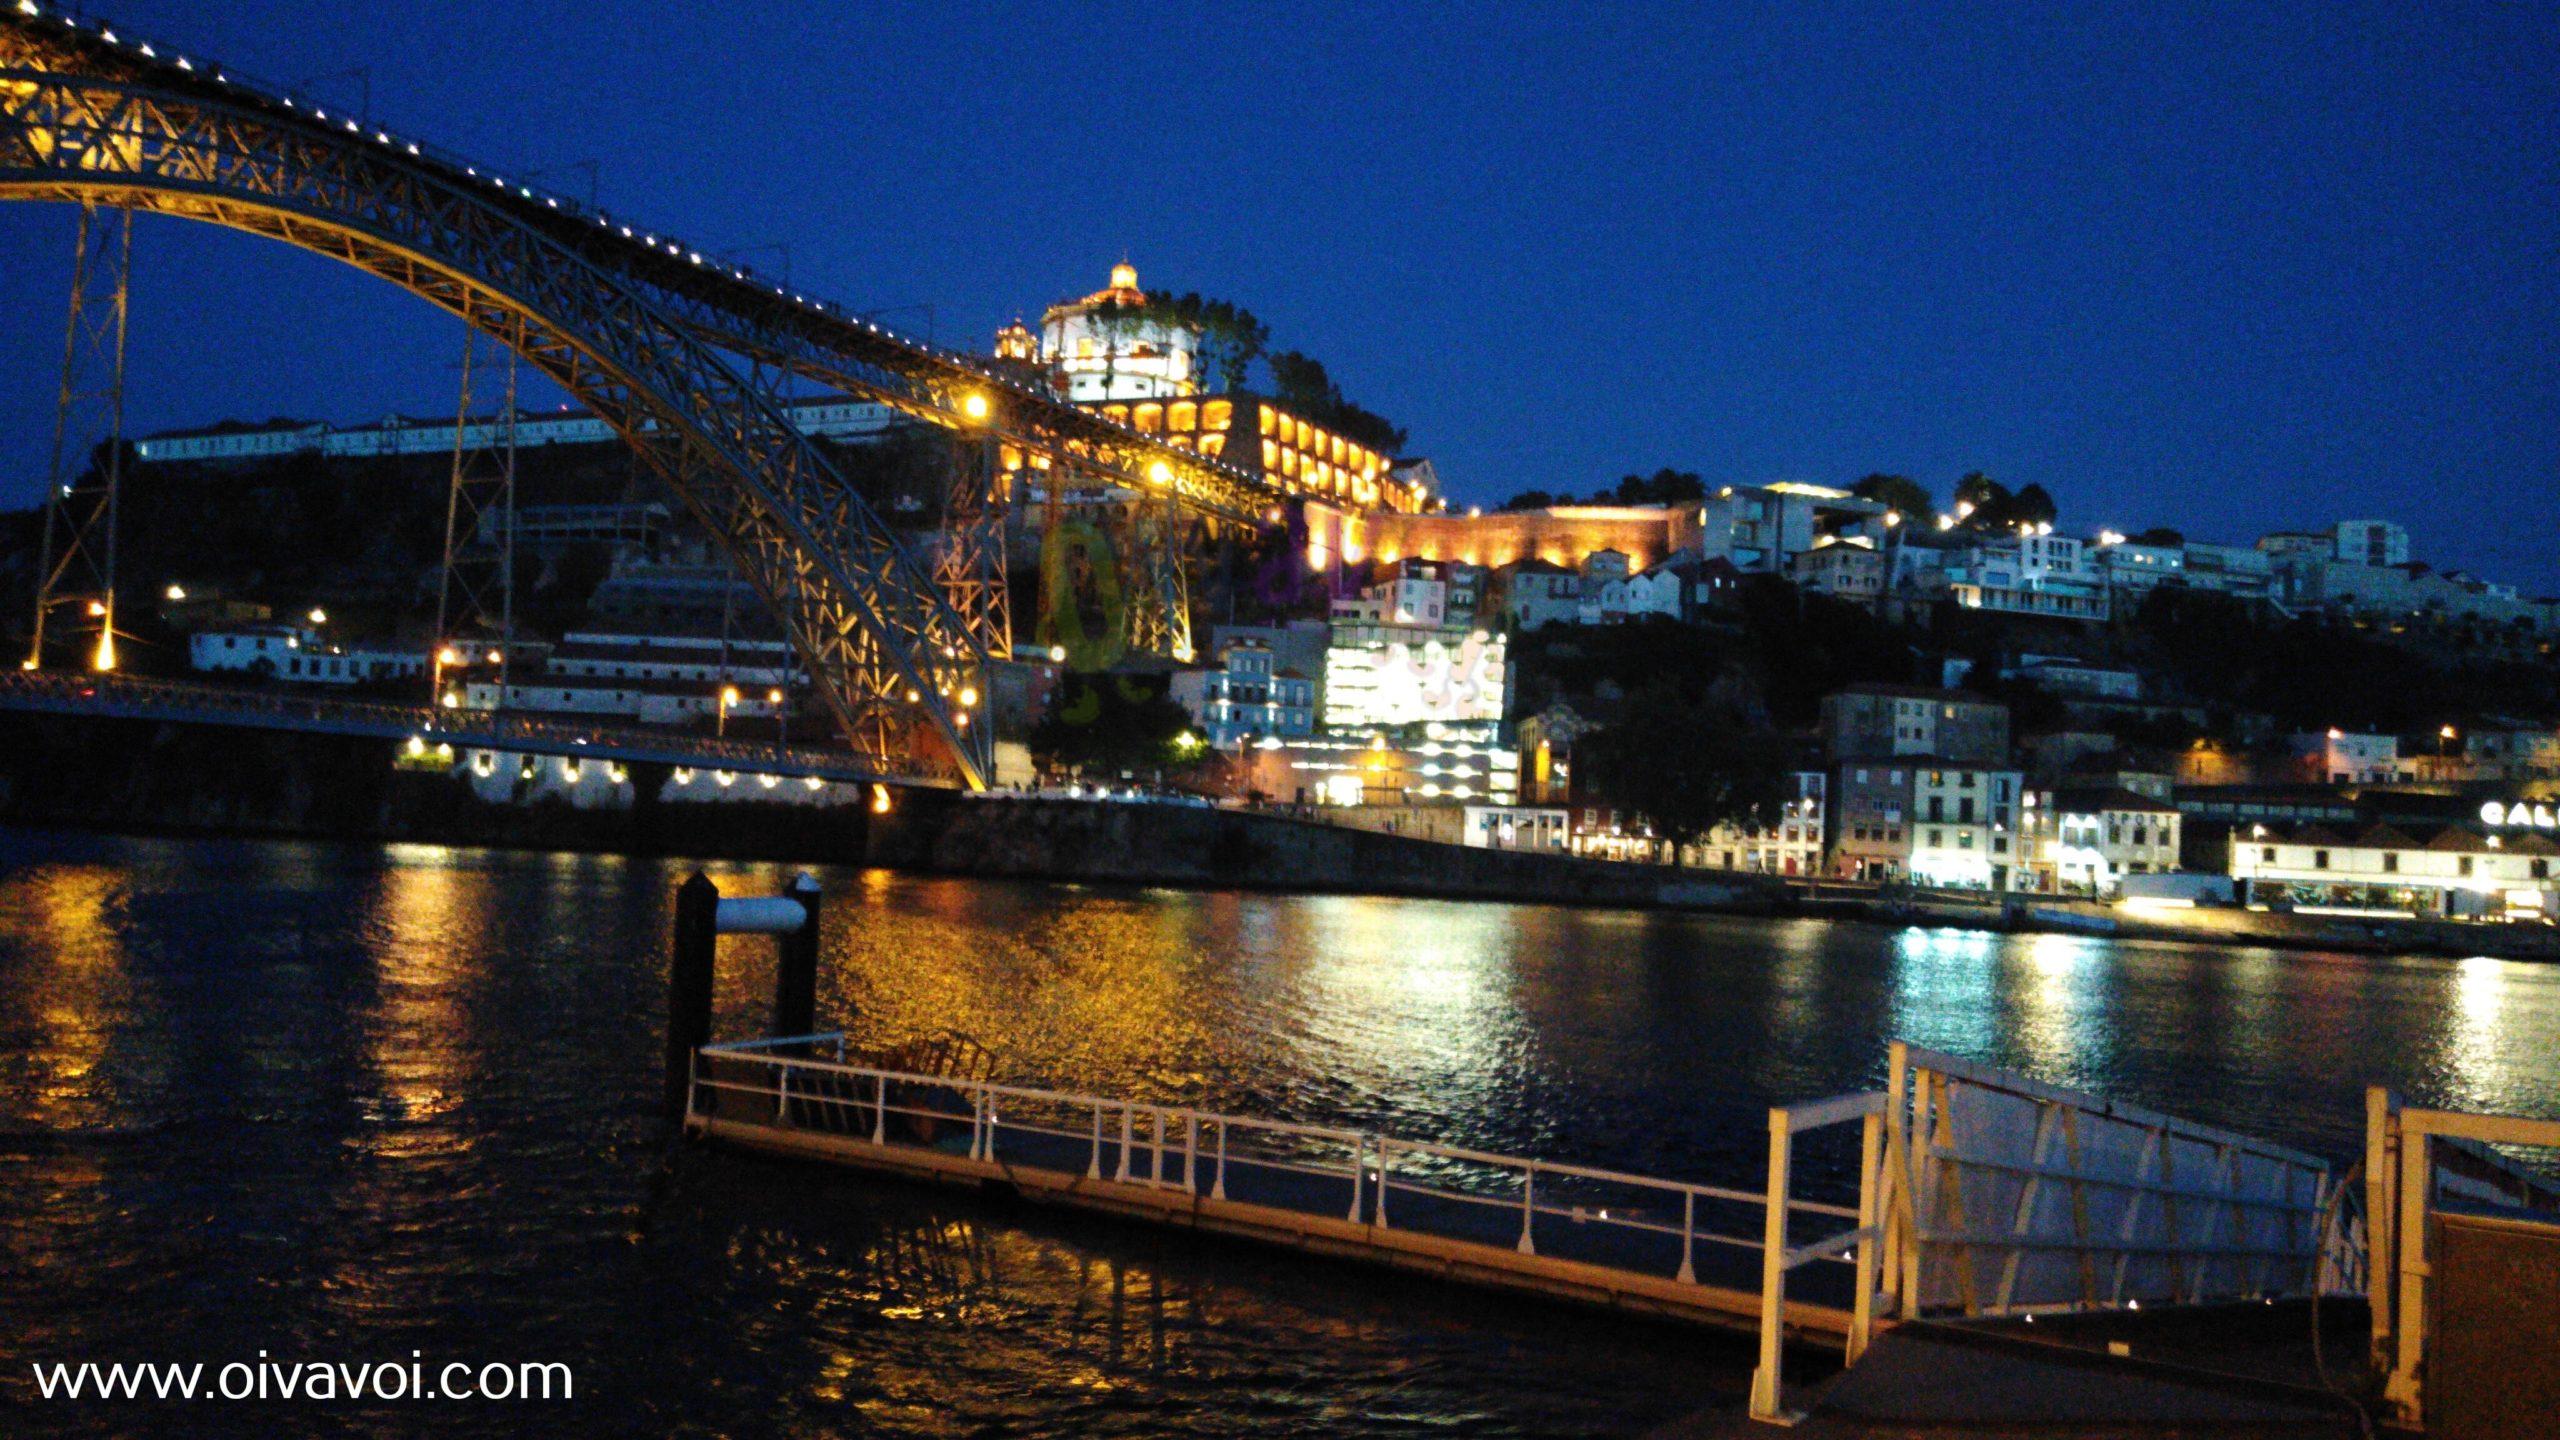 El puente Luis I y Vila Nova de Gaia de noche